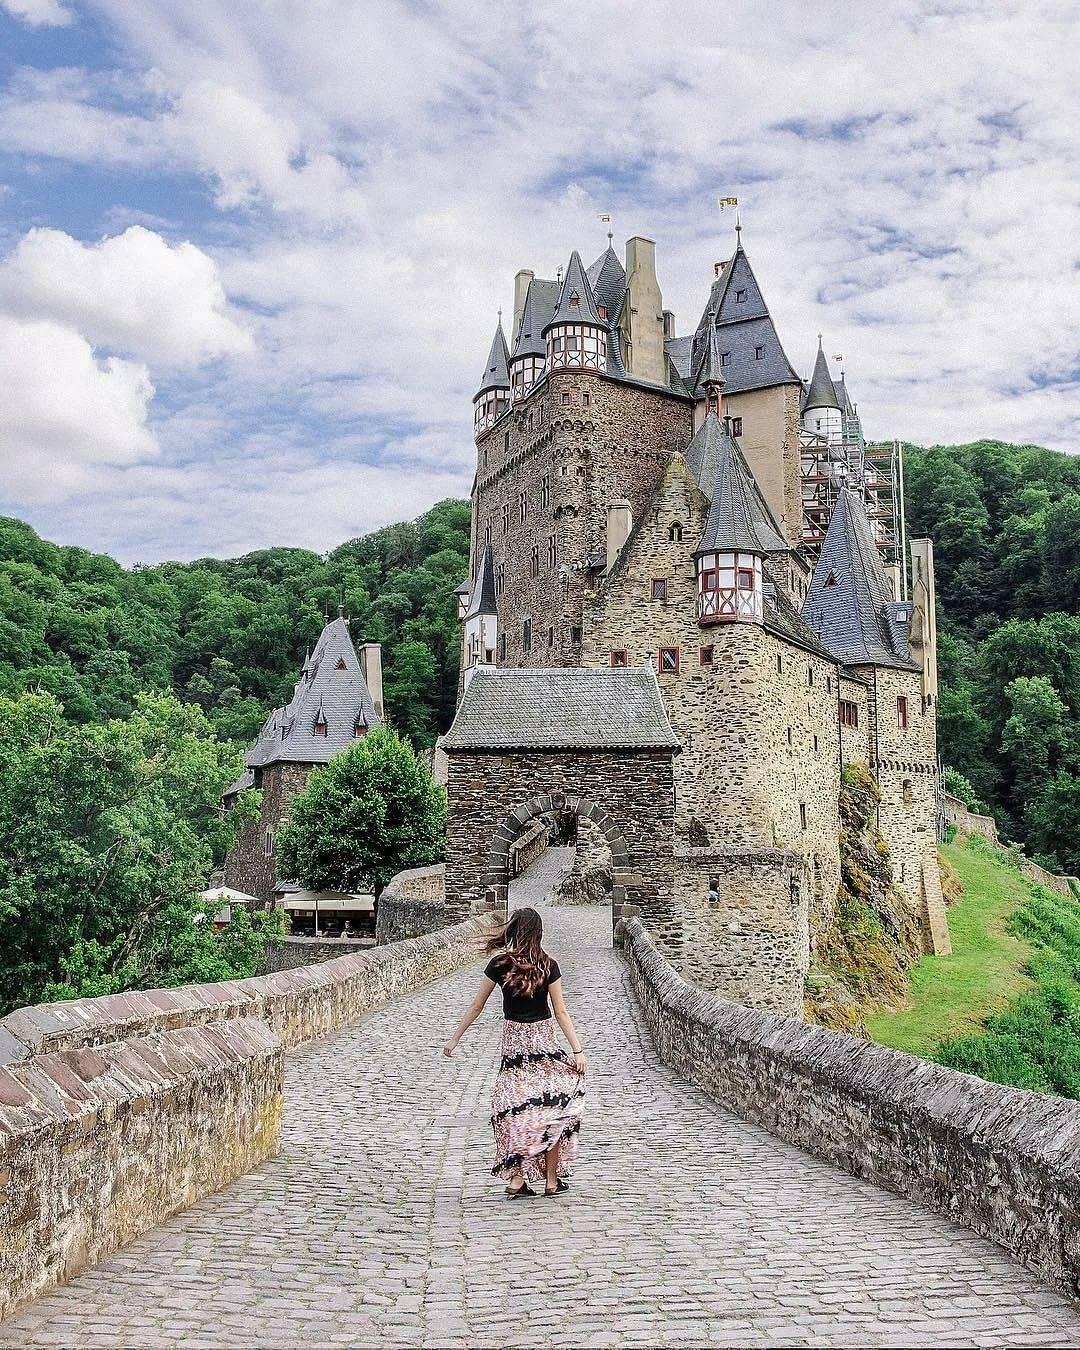 Замок эльц (burg eltz) - замки германии